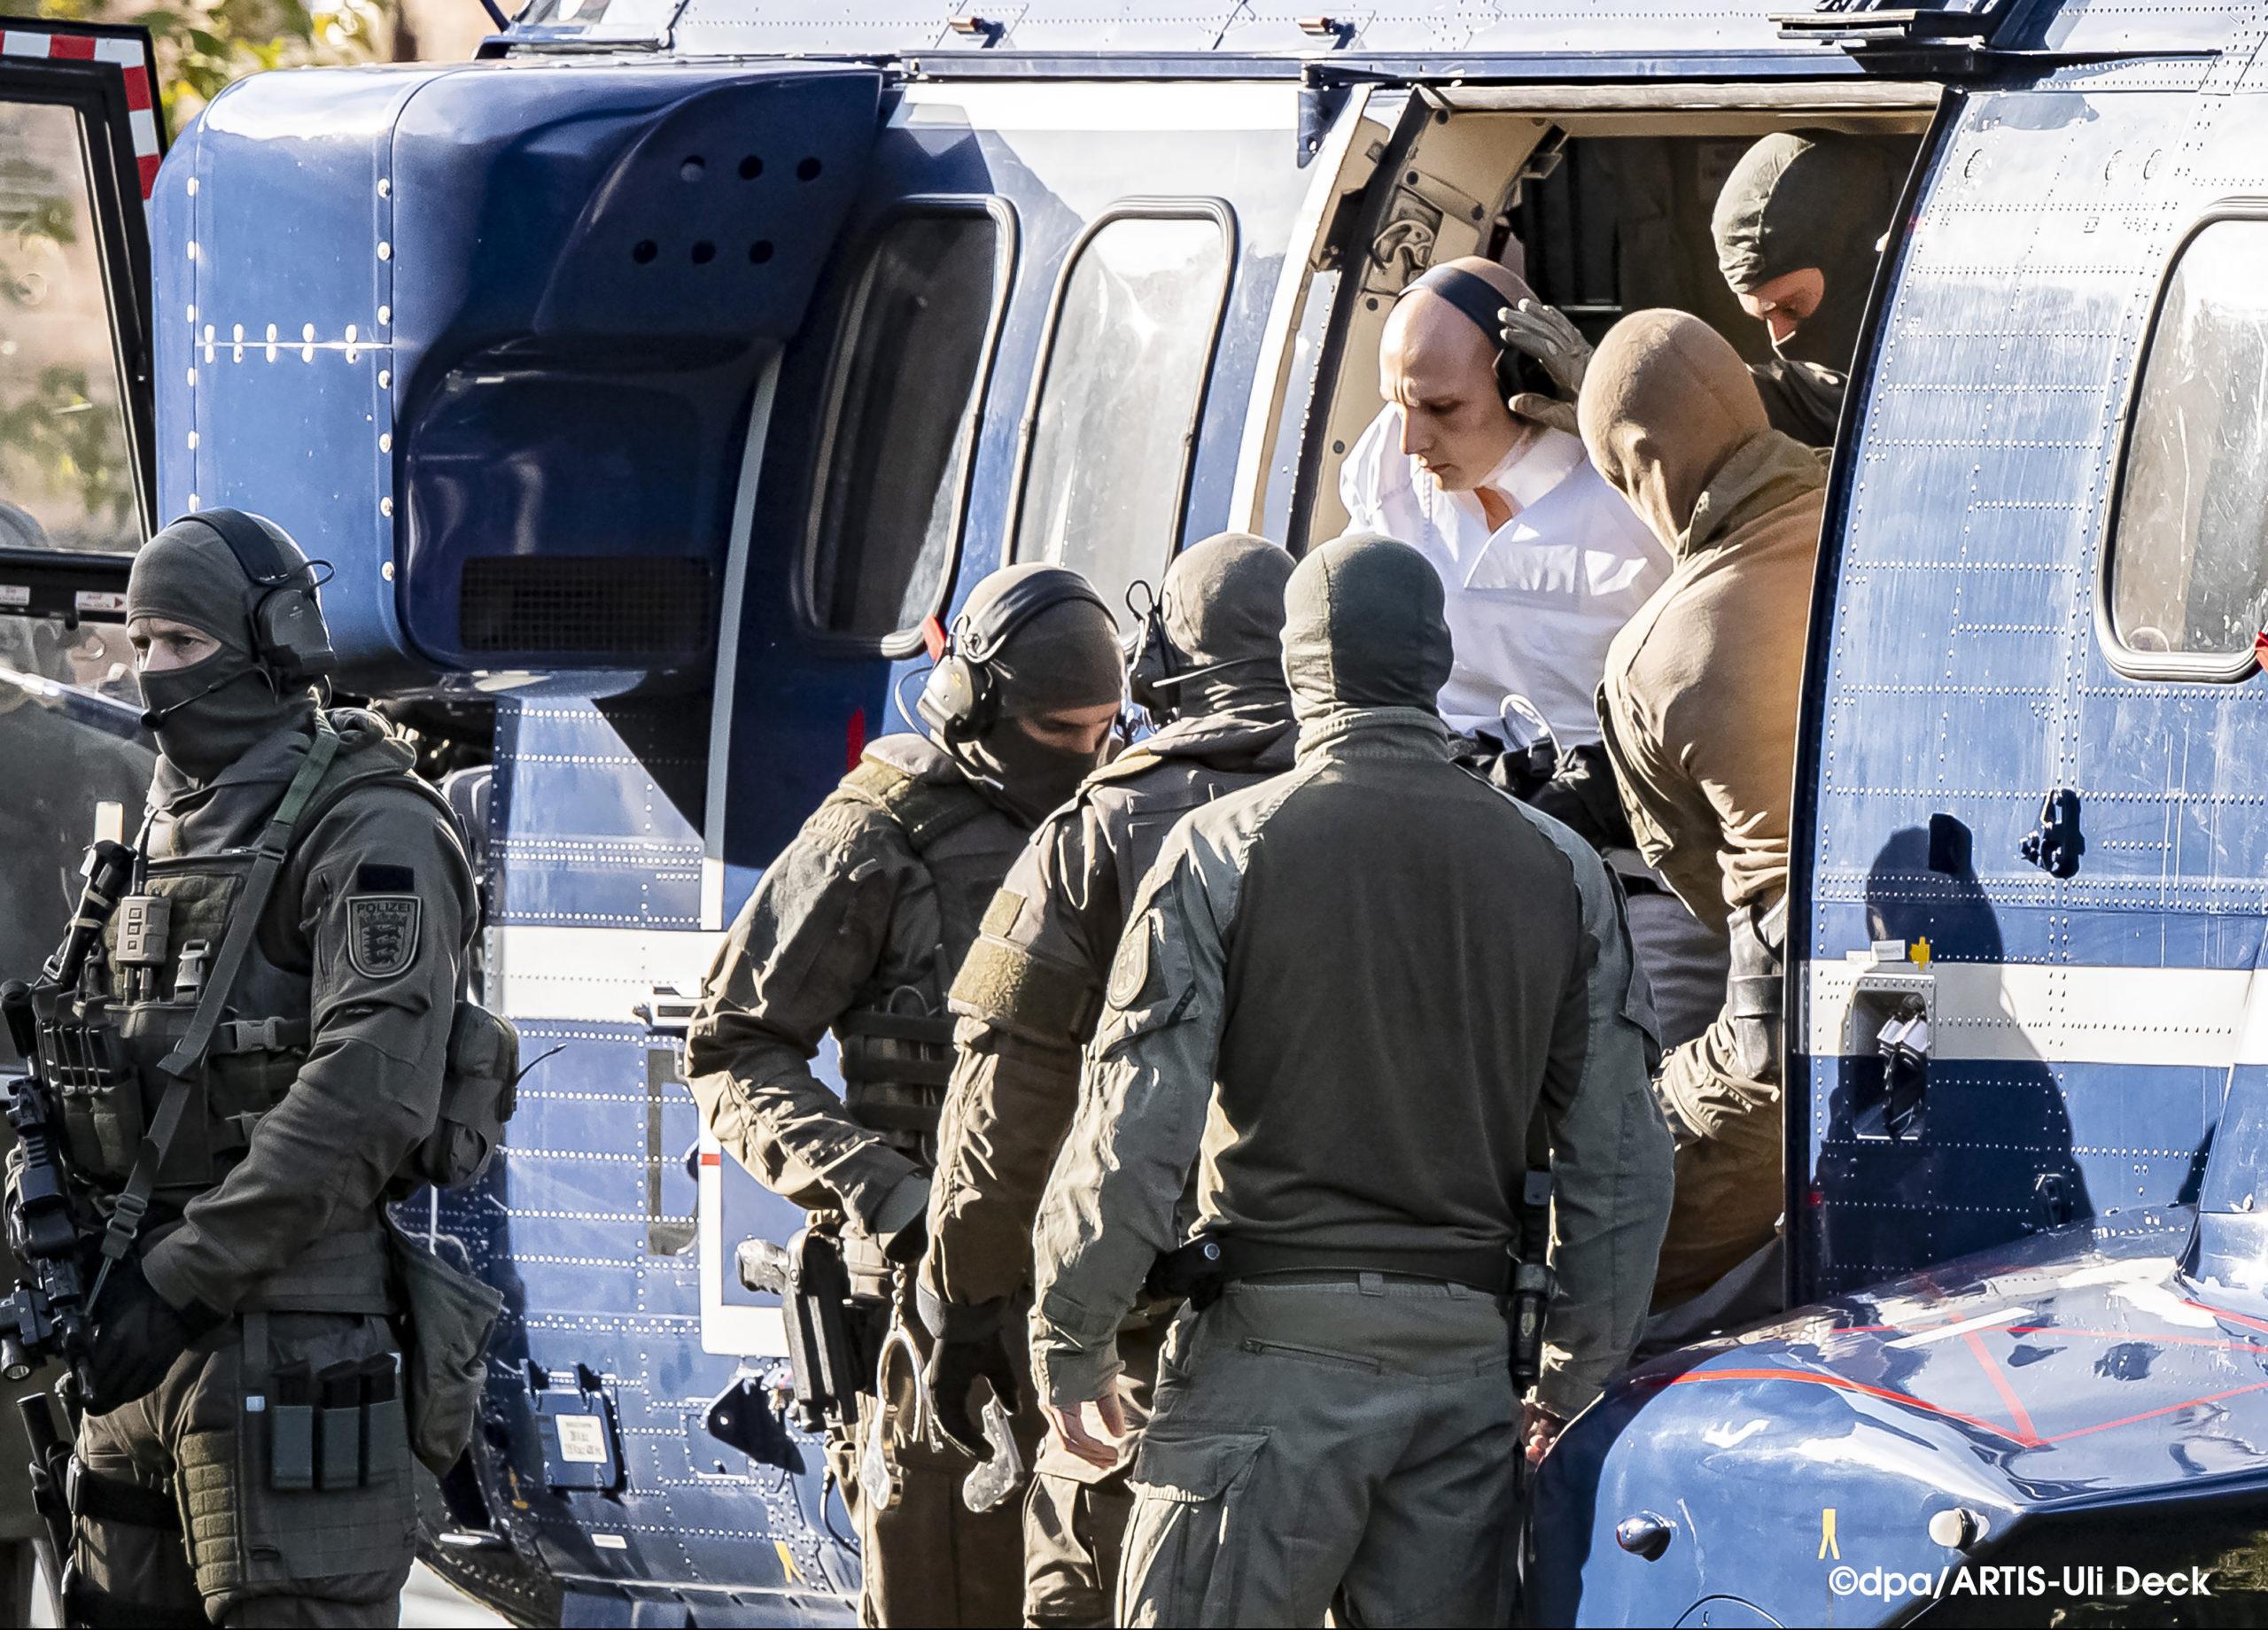 1.Platz dpa Bild des Jahres 2019 in der Kategorie News. Stephan B., der Attentäter von Halle, wird von Polizisten aus einem Hubschrauber gebracht, um zur Haftprüfung beim Bundesgerichtshof in Karlsruhe überstellt zu werden.